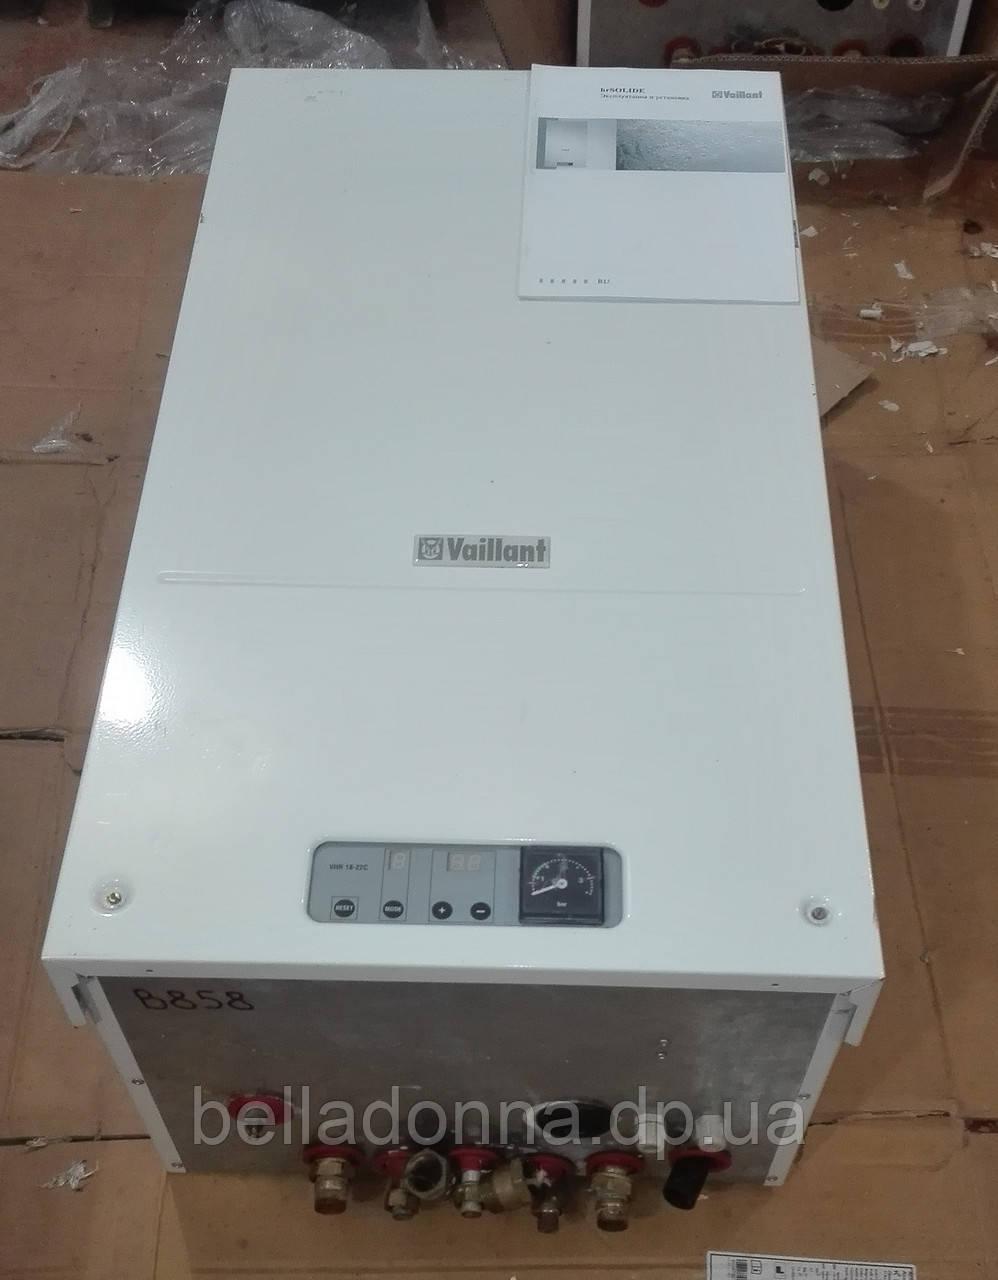 Газовый котел конденсационный Vaillant T6 отопление до 220 м² (Б/У - Гарантия)